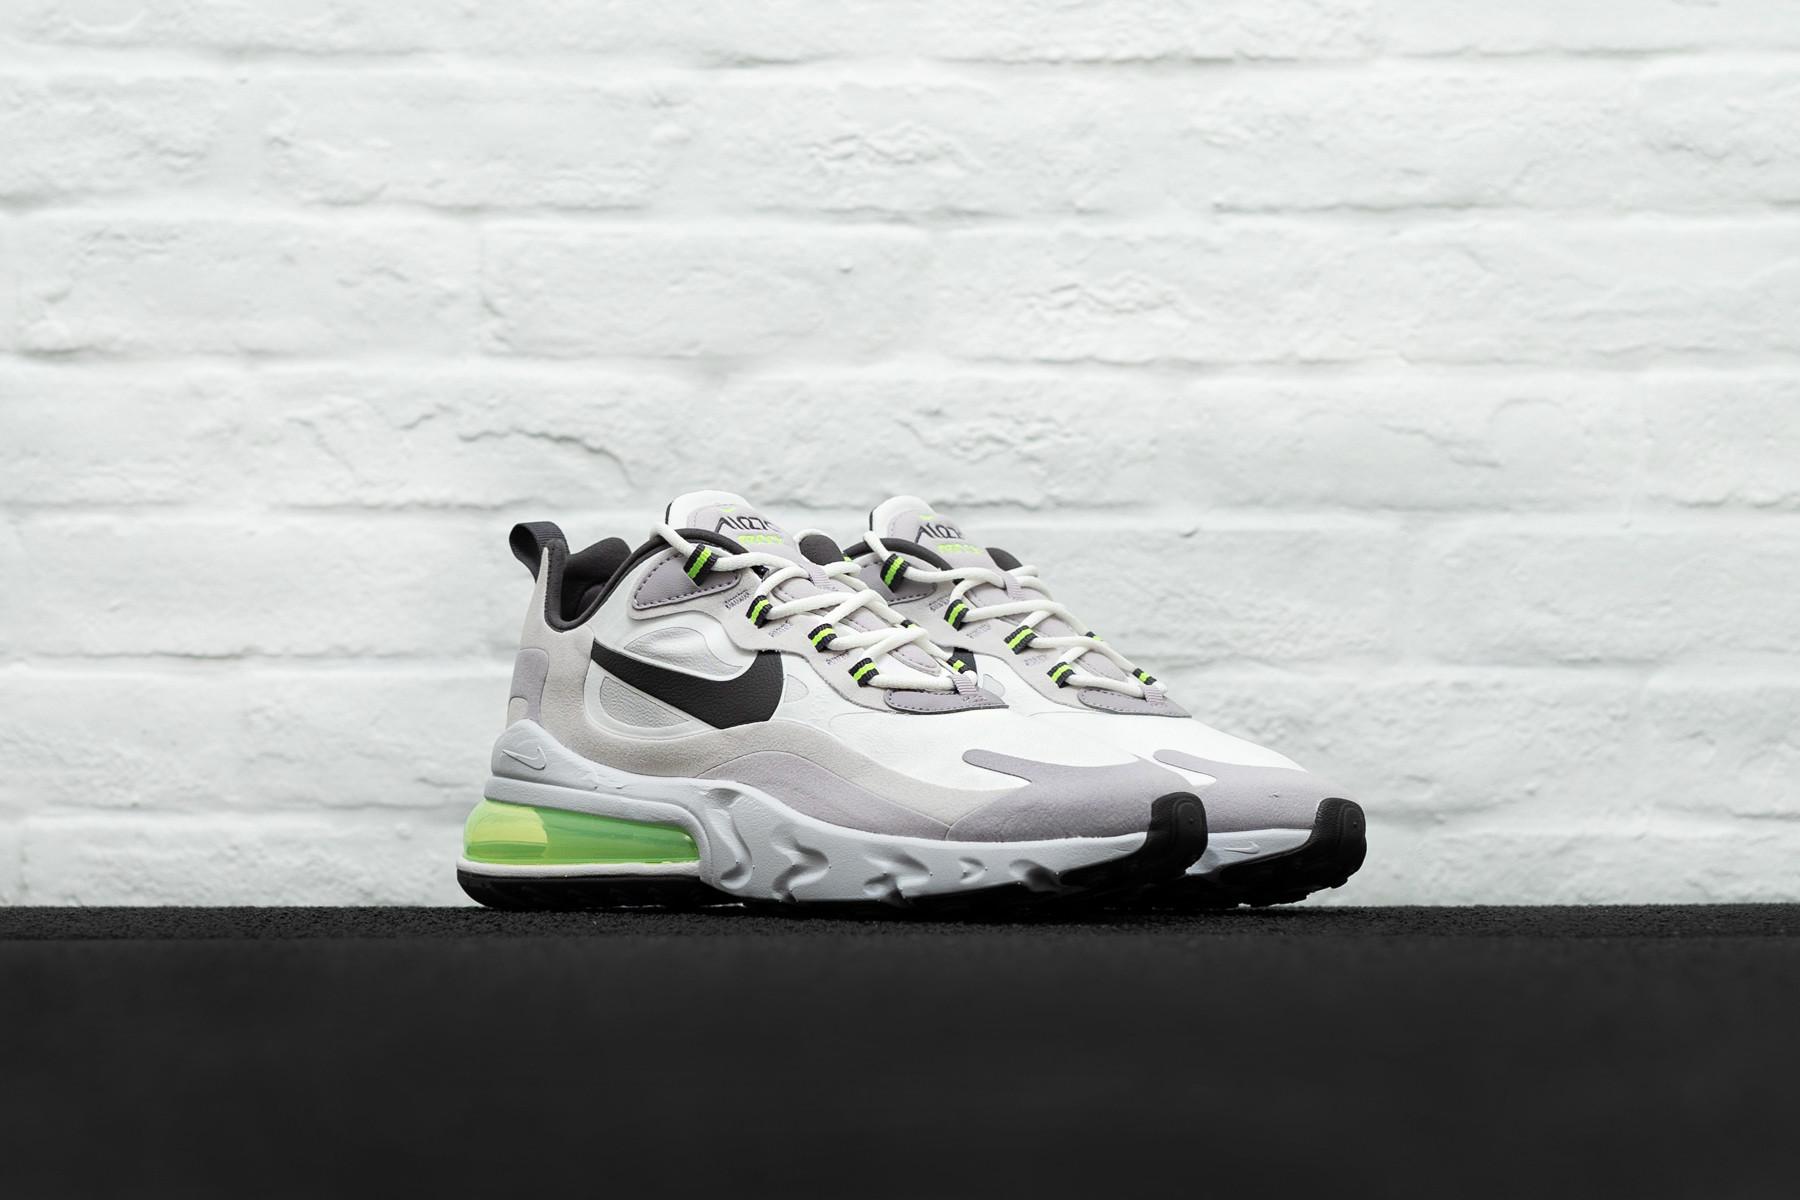 Nike Air Max 270 React WTR | Nyheter fra Nike finner du hos